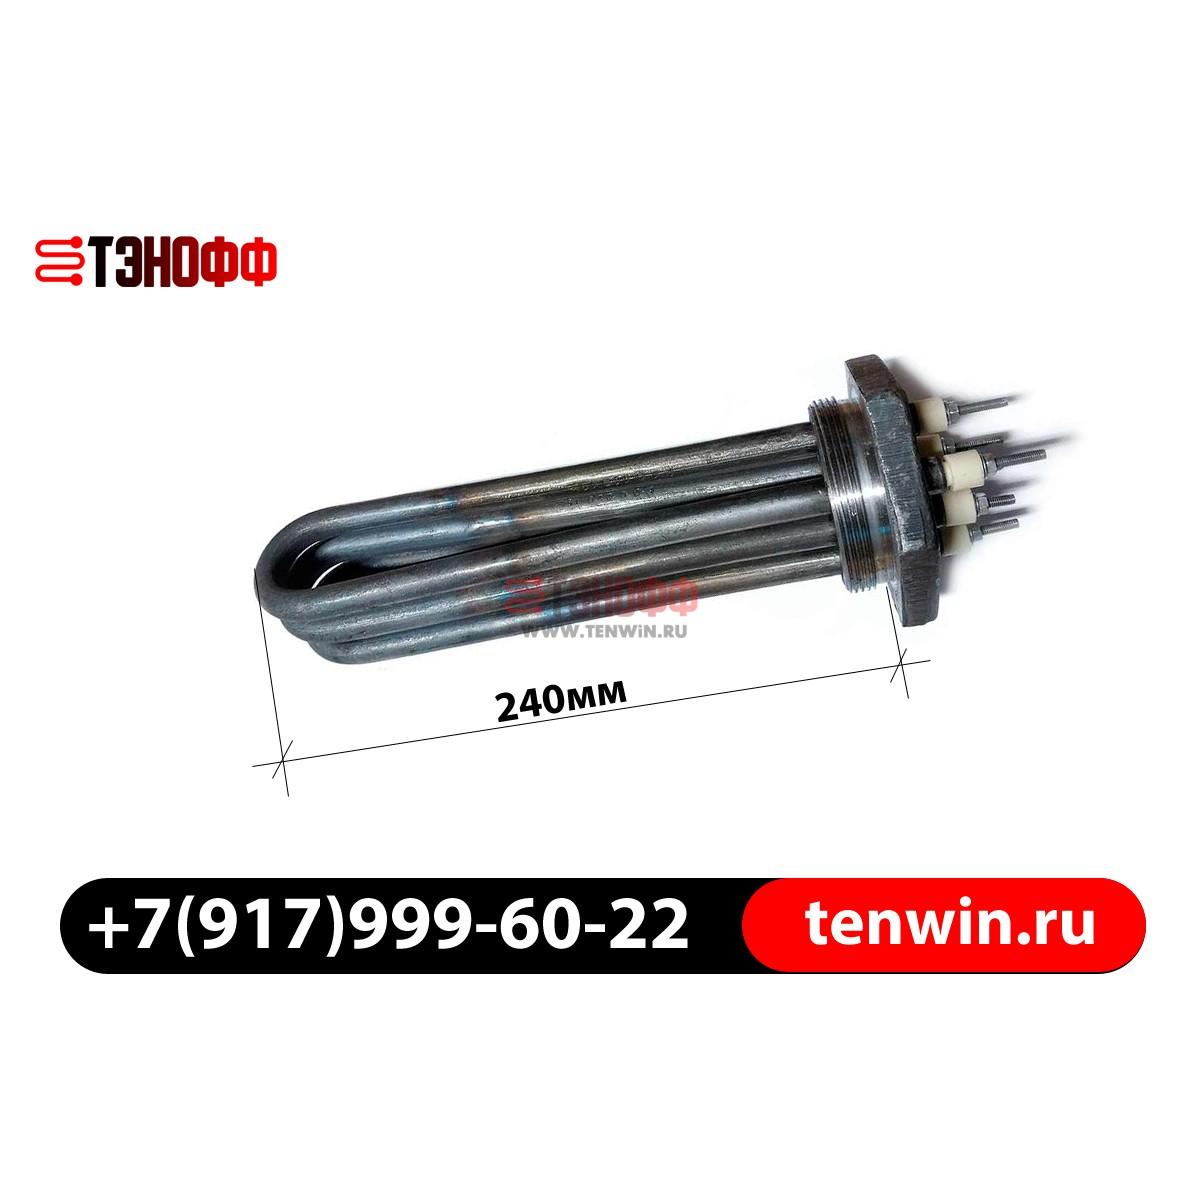 Блок ТЭНов 3 кВт на фланце G2,5 (75мм) для котлов